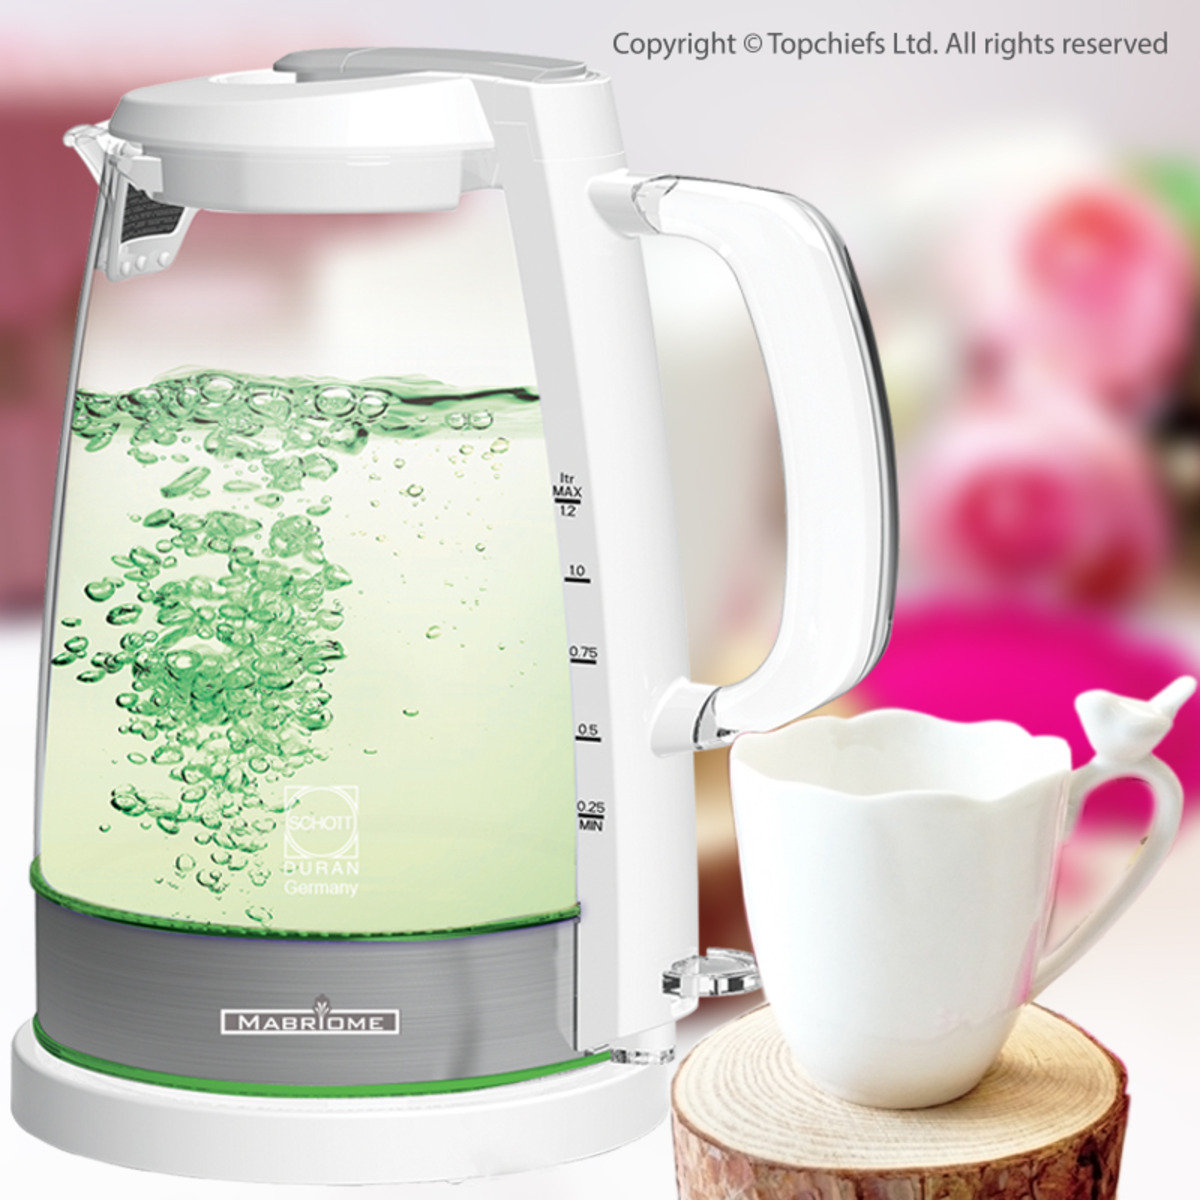 電熱德國玻璃水煲 1.2L  (淺綠光LED) x 1個 + 小鳥咖啡杯 (200ML) x 1隻